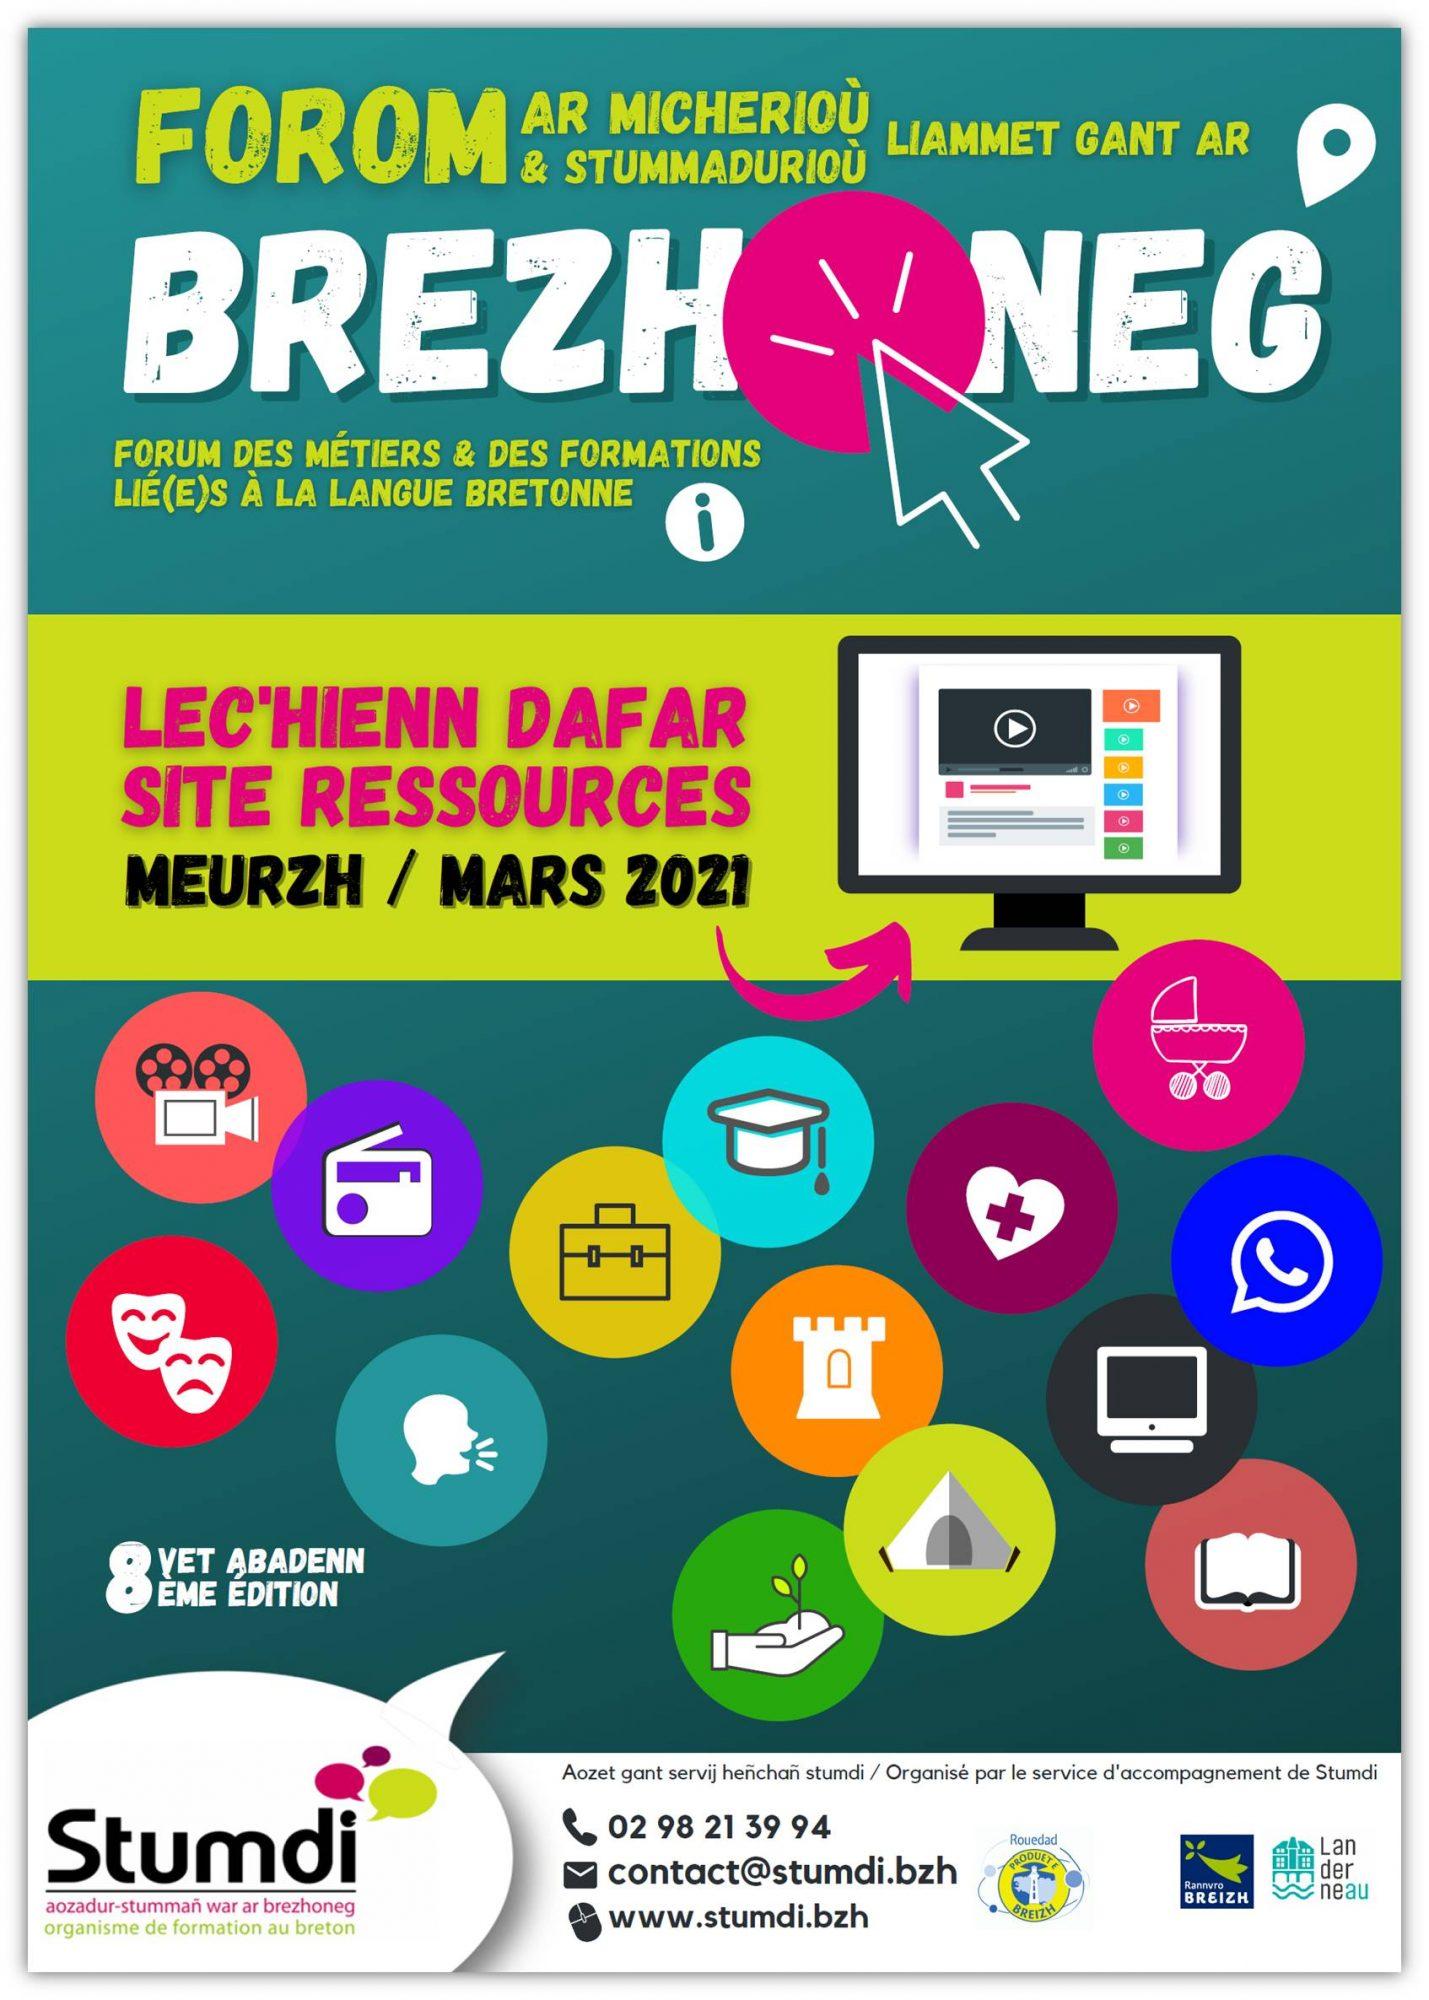 Forum Site internet ressources - Stumdi centre de formation langue bretonne